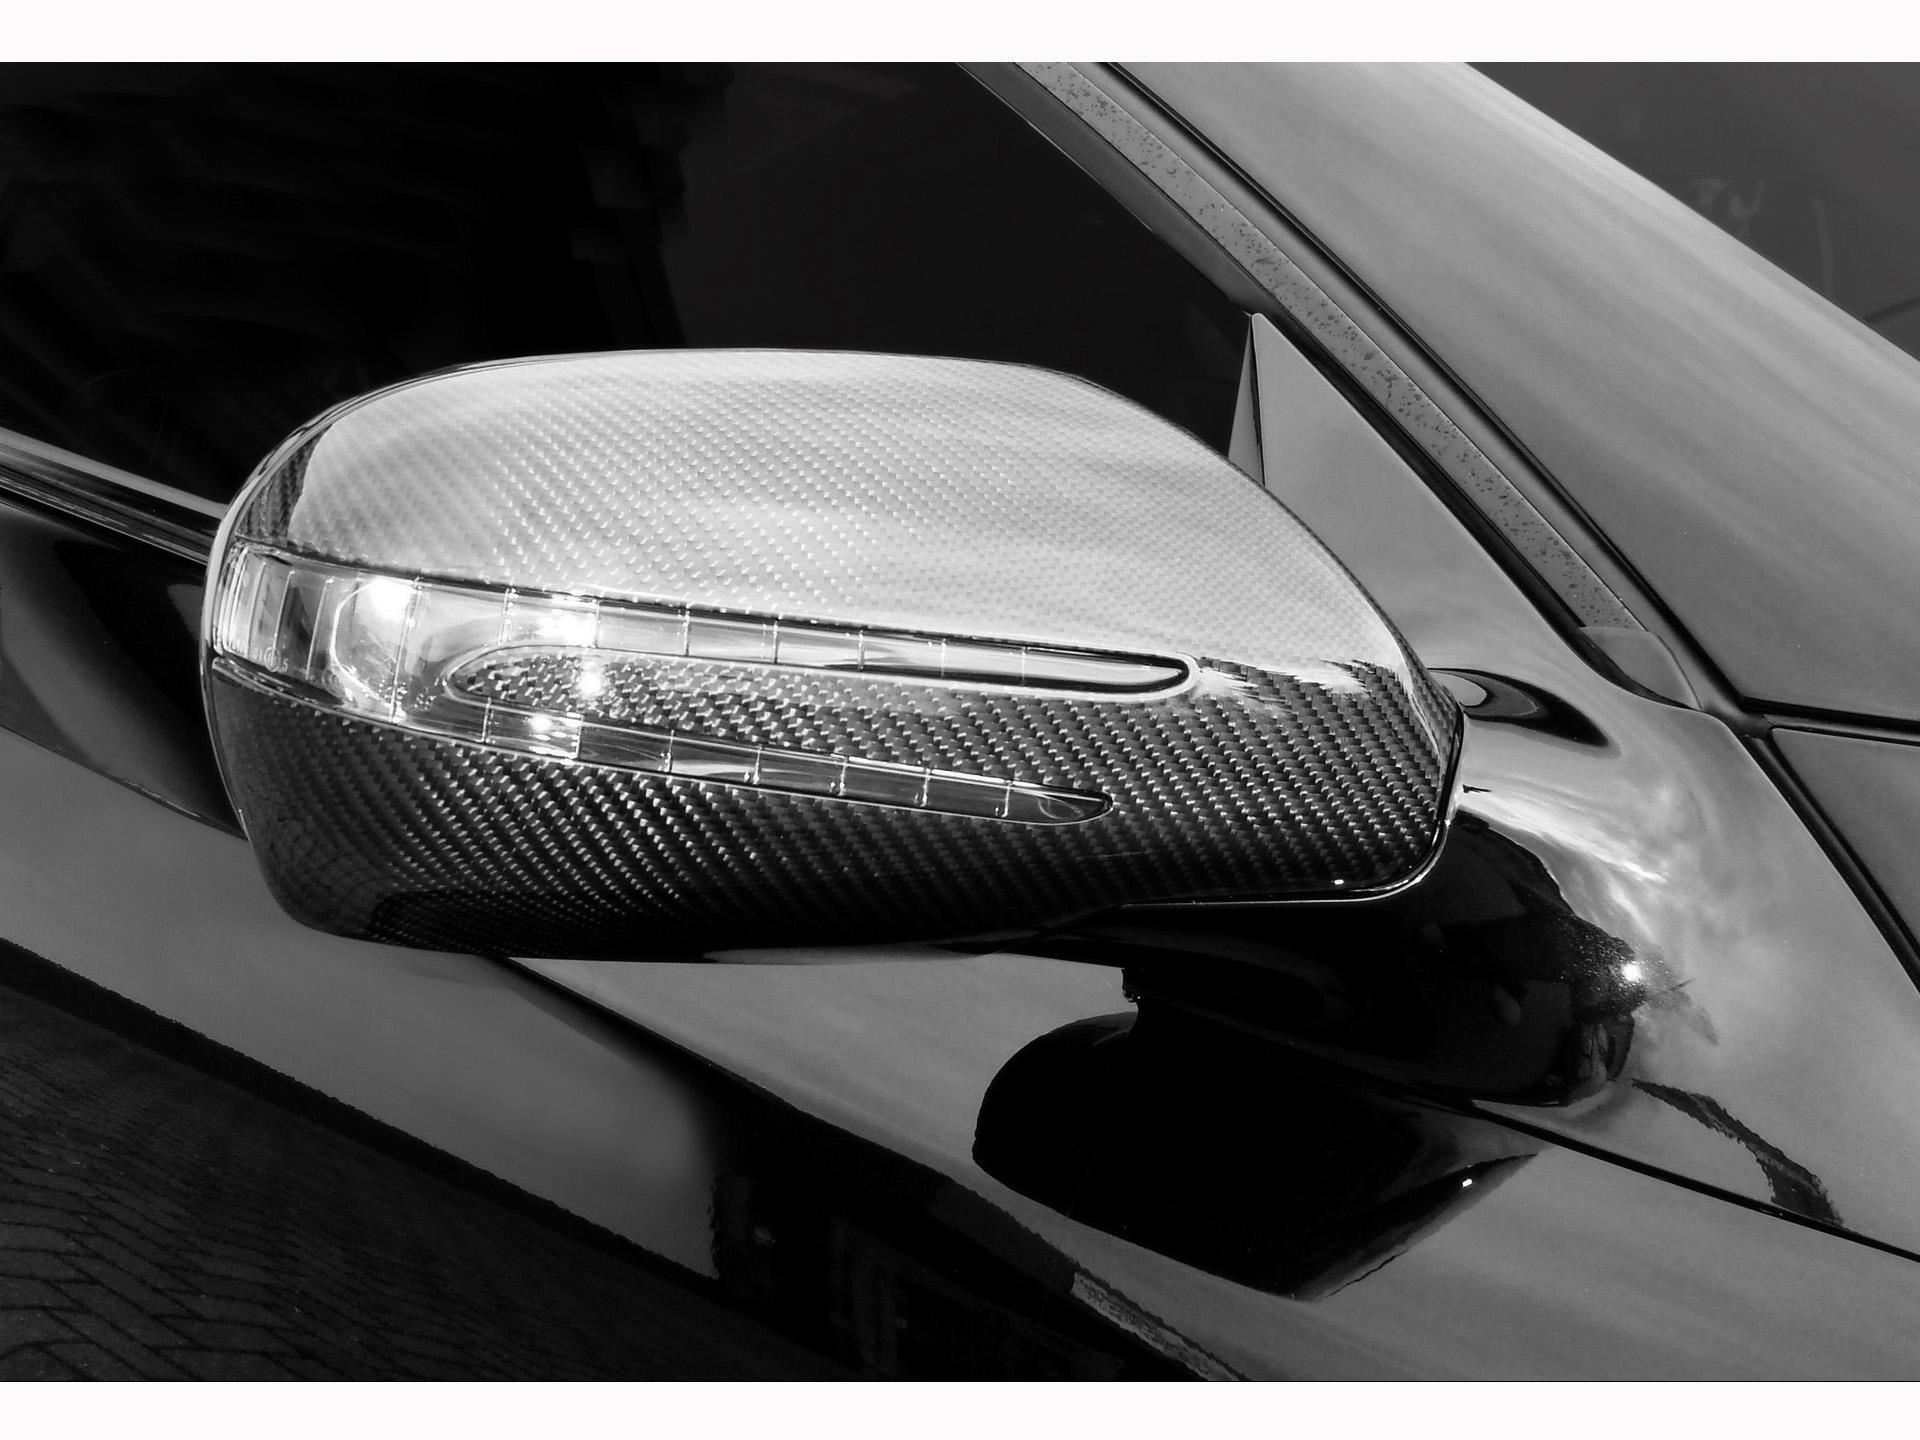 2009 Kicherer SL 63 RS